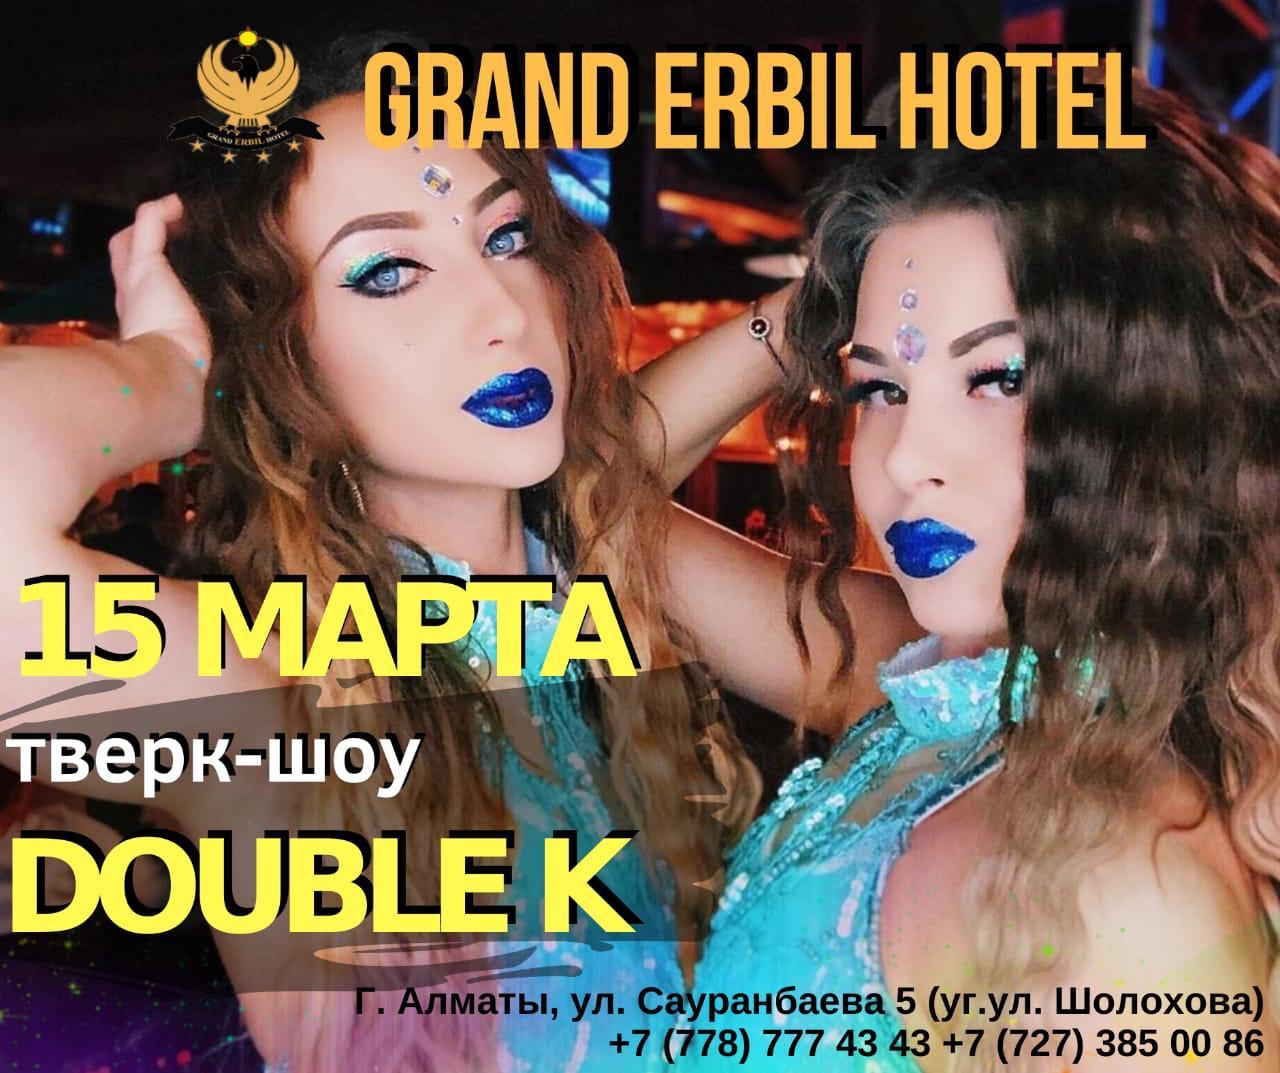 Тверк-шоу Double K - 15 марта